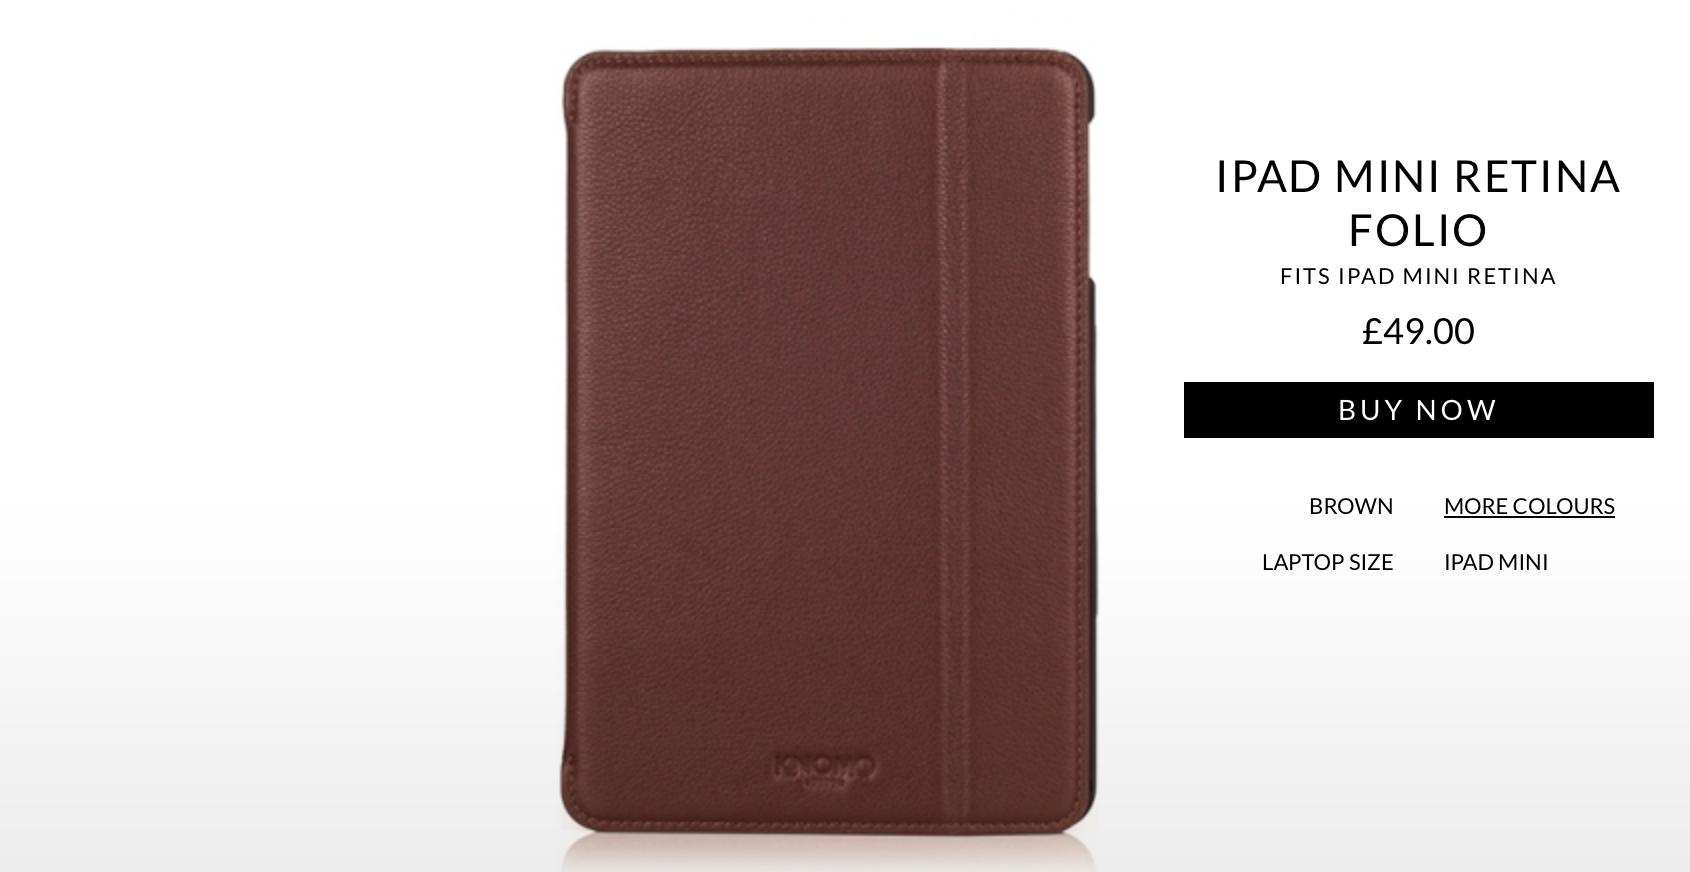 KNOMO Launches A Luxurious Leather Folio For Apple's Retina iPad mini